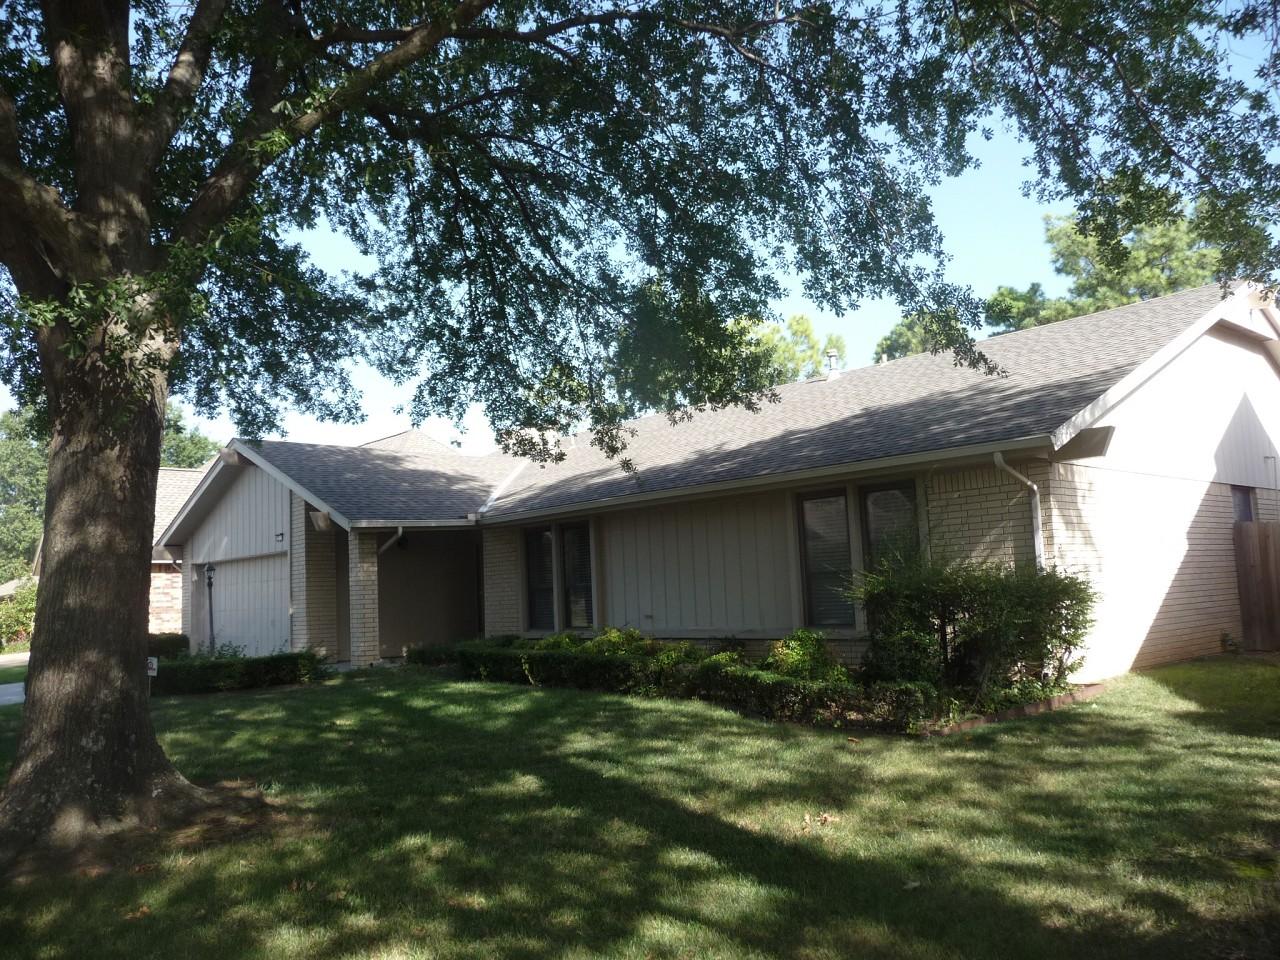 Single Family Home for Sale, ListingId:29630622, location: 7513 E 81st Place Tulsa 74133